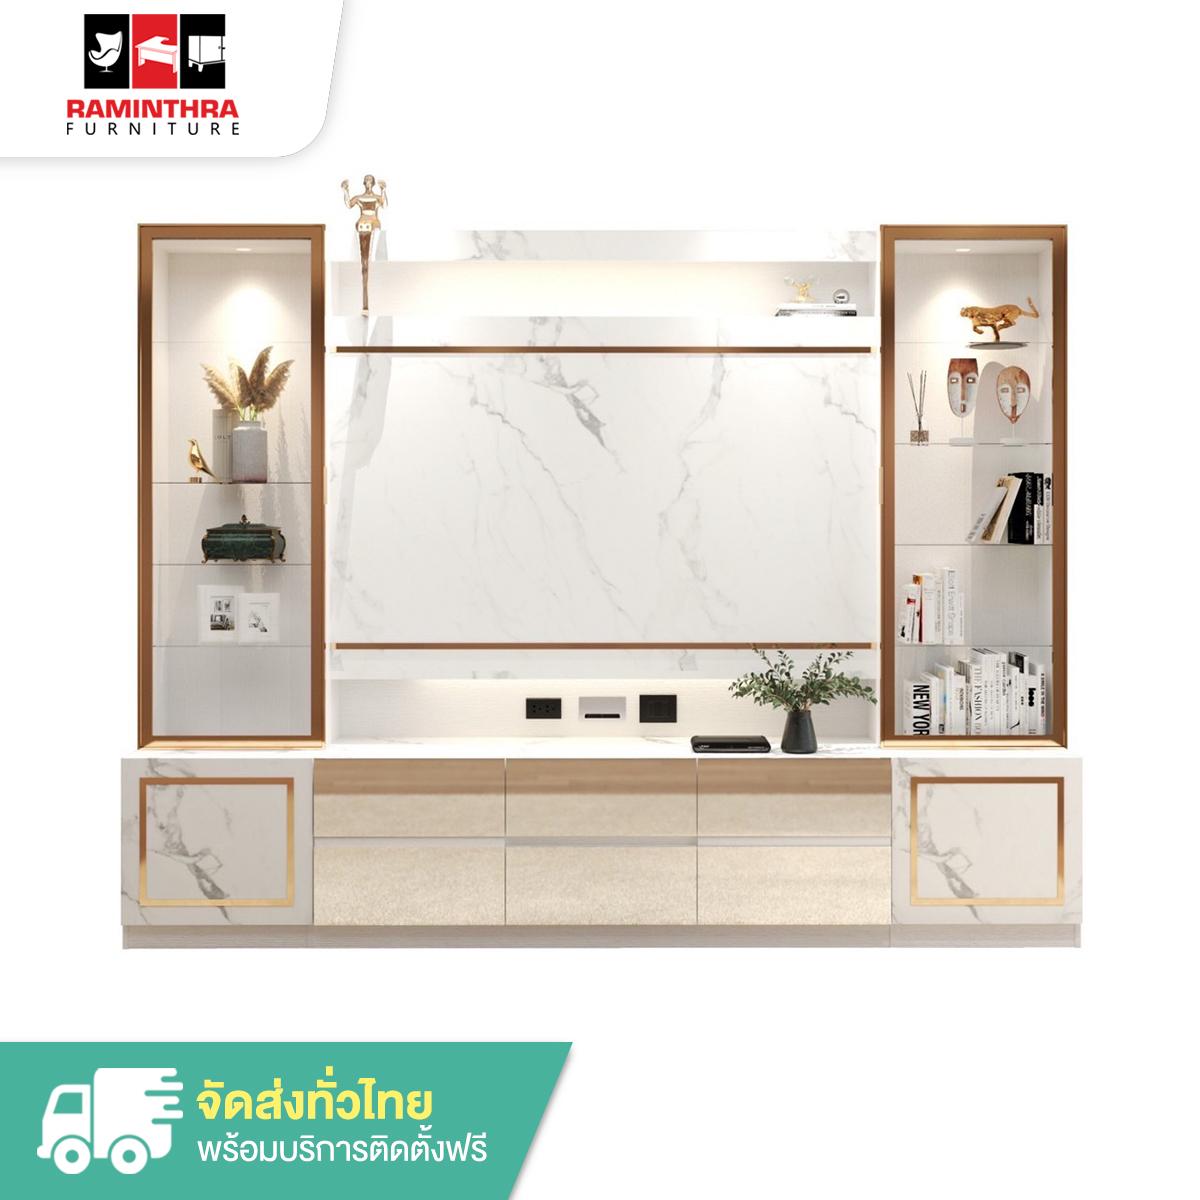 ตู้เสื้อผ้า รุ่น LOFT 2 บาน 80 cm. ขนาด 80x56x192 cm. ราคา 3990 บาท